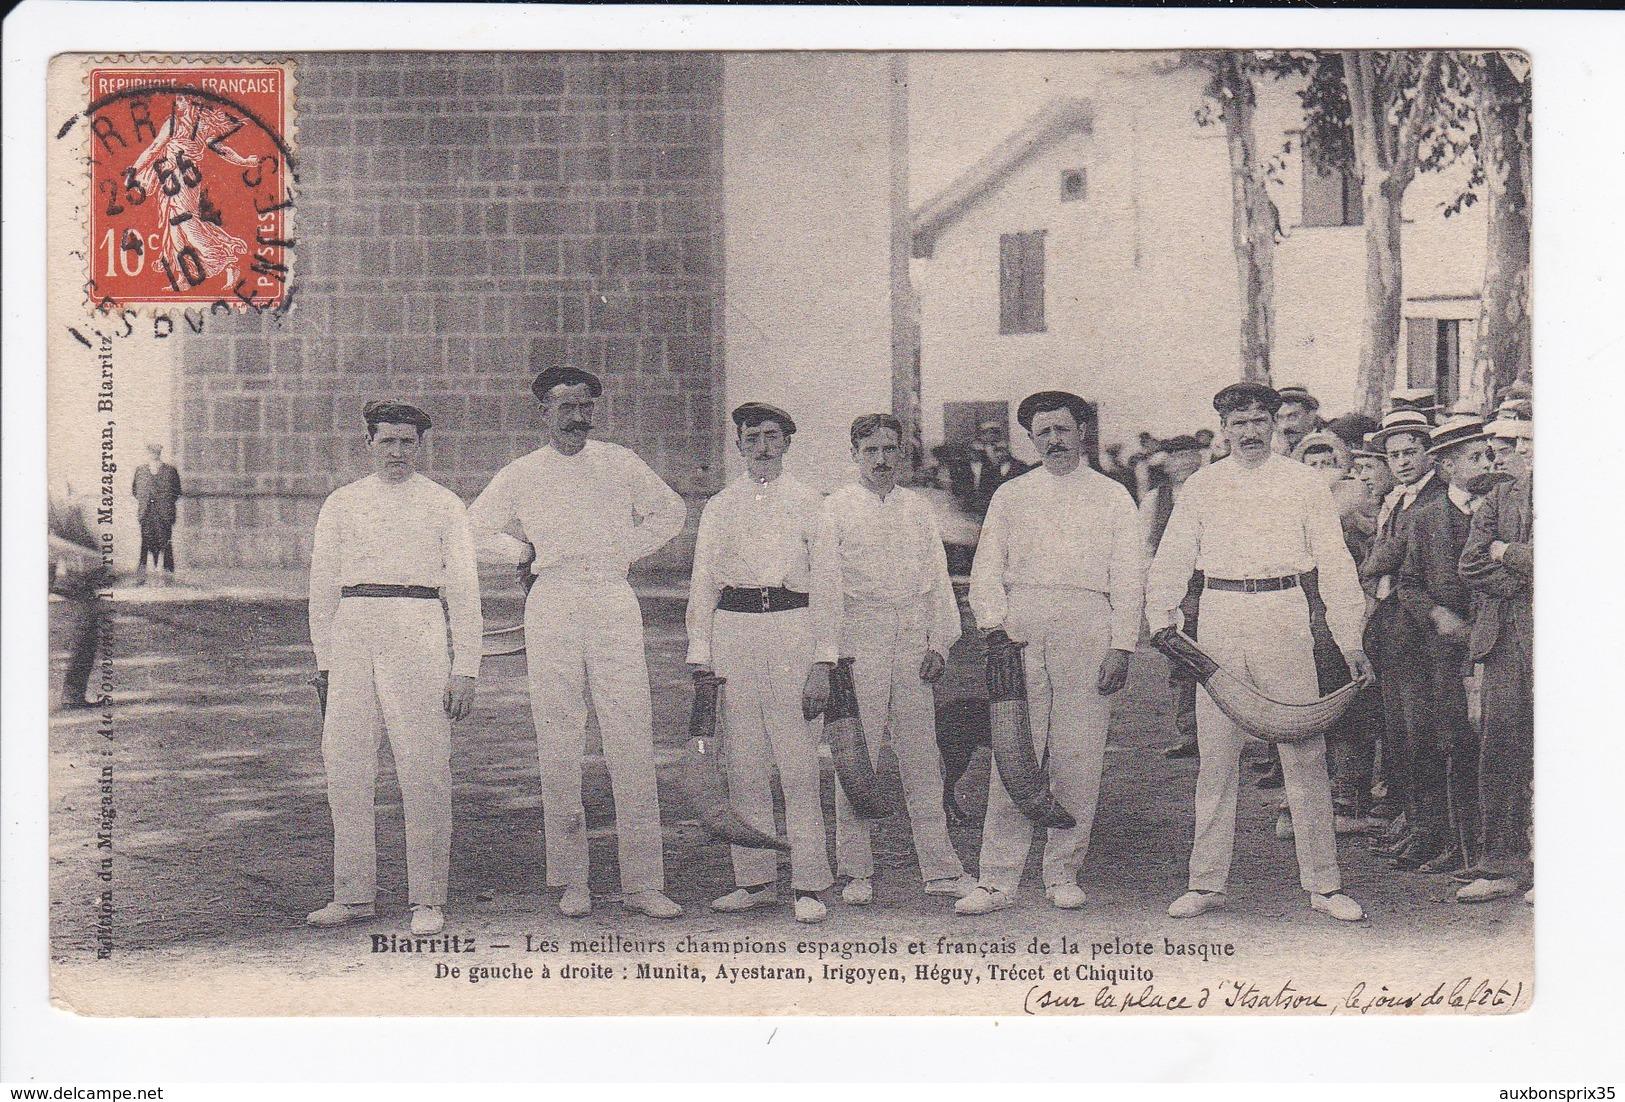 PELOTE BASQUE - BIARRITZ - LES MEILLEURS CHAMPIONS ESPAGNOLS ET FRANCAIS - 64 - Biarritz